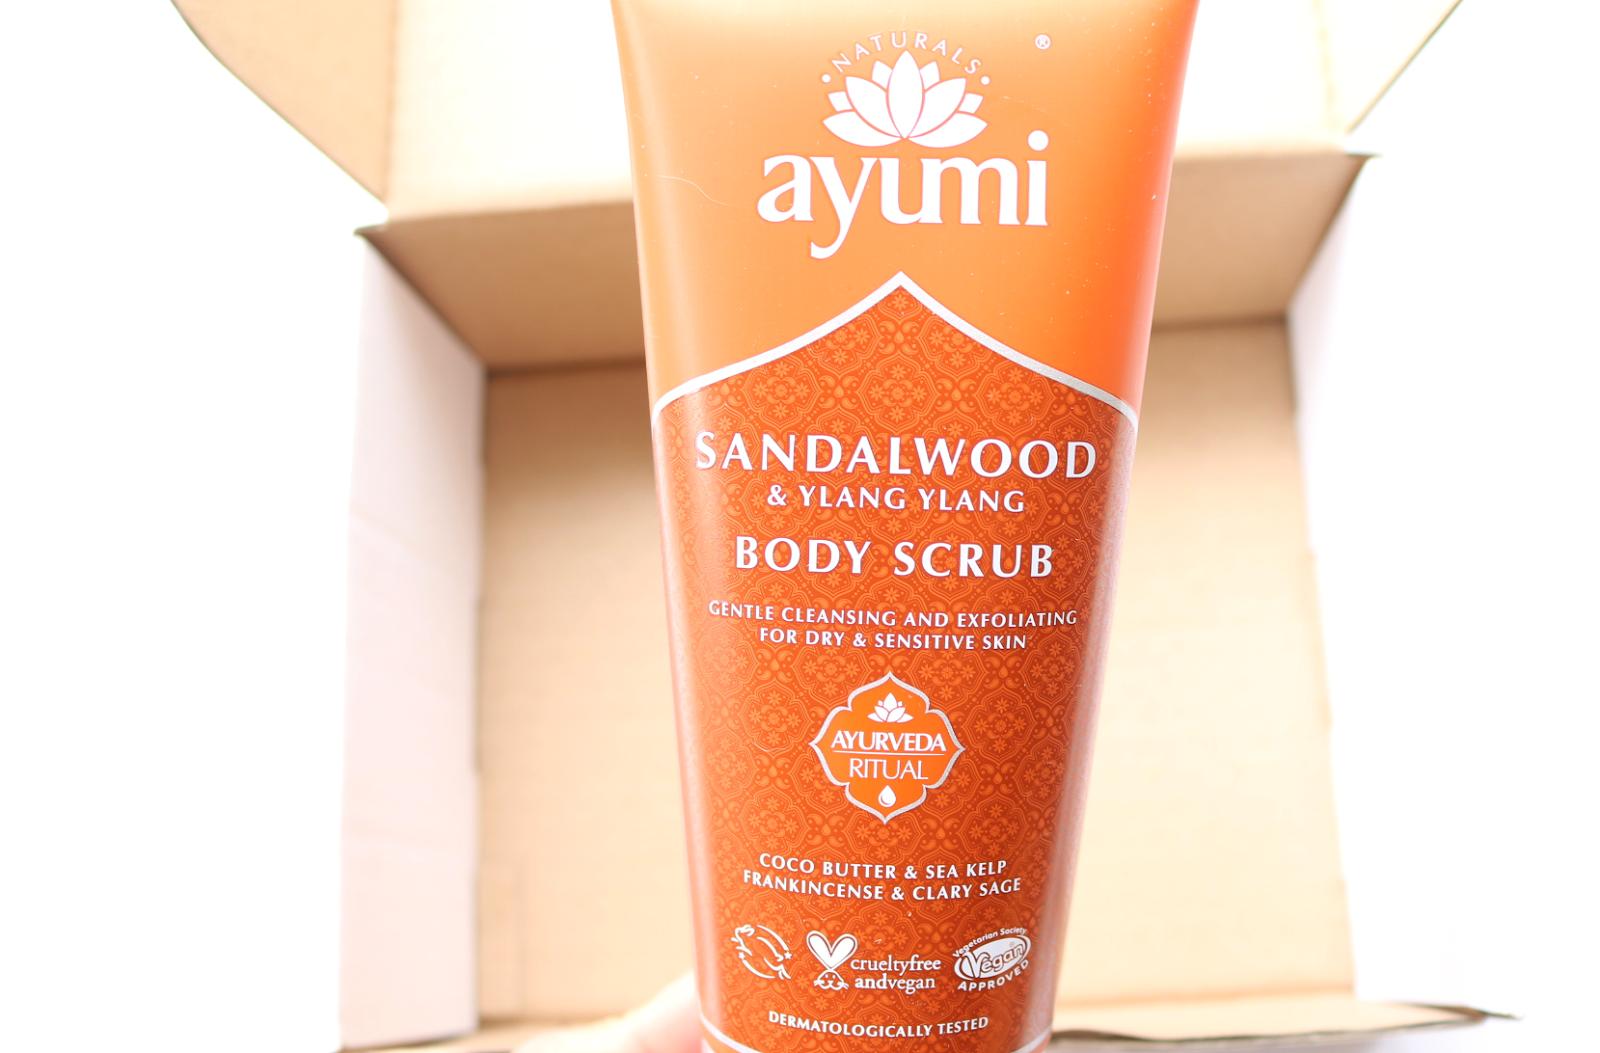 Ayumi Naturals Sandalwood & Ylang Ylang Body Scrub